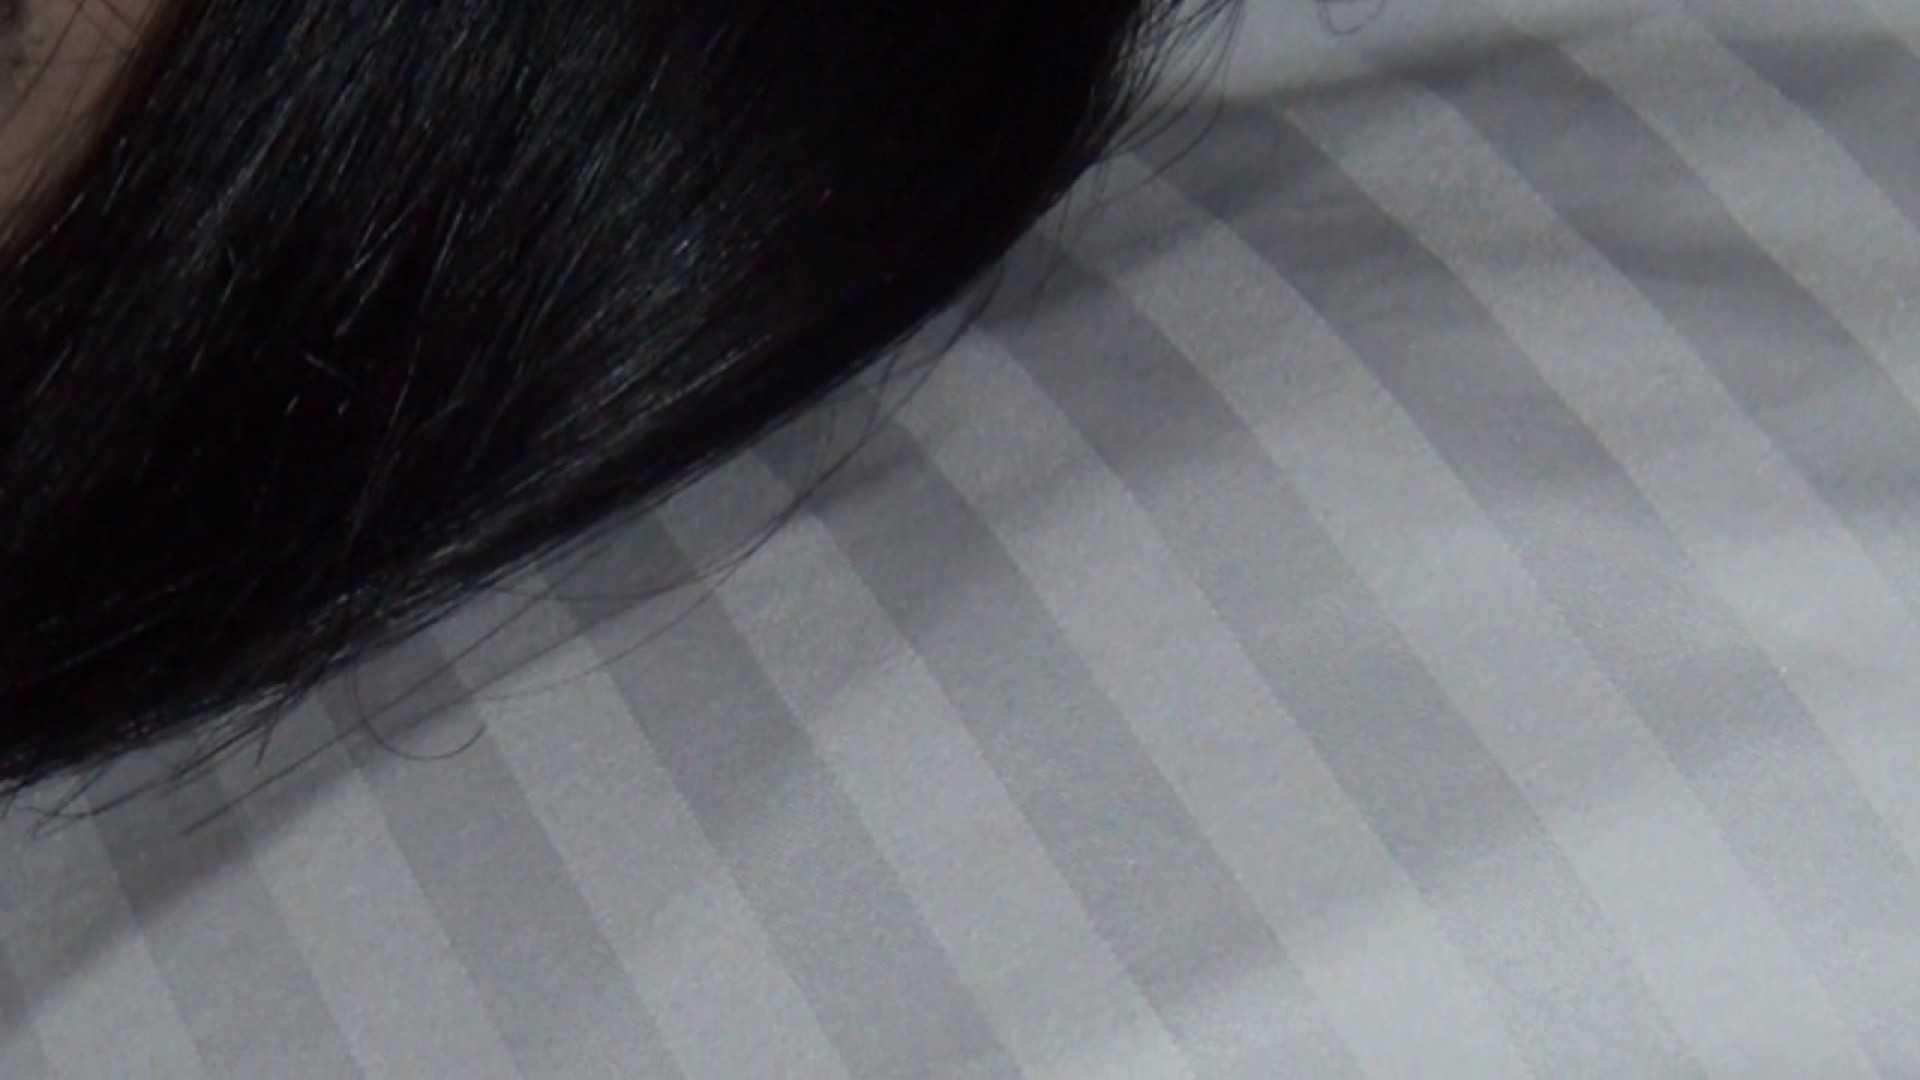 魔術師の お・も・て・な・し vol.28 18歳のケツ毛さん OLの実態  43pic 2